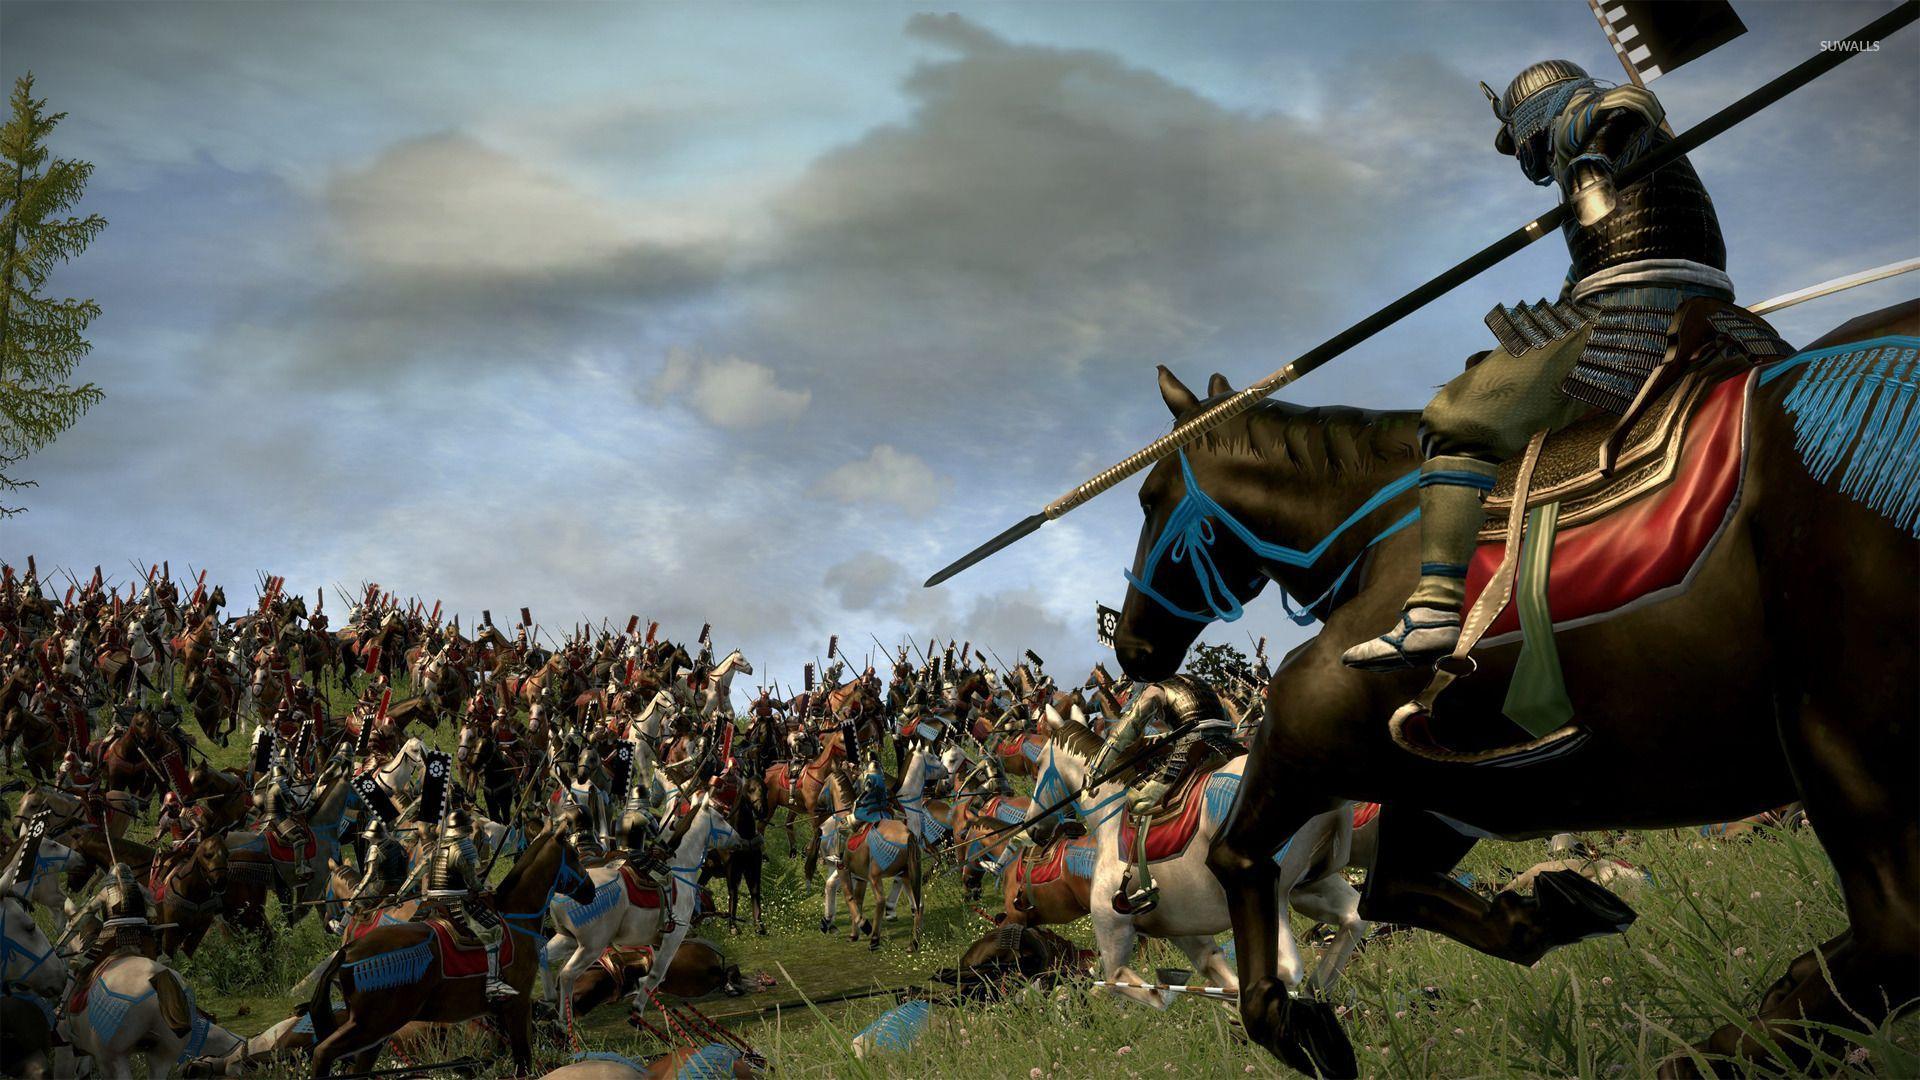 Total War Warhammer Wallpaper: Total War: Warhammer II Wallpapers